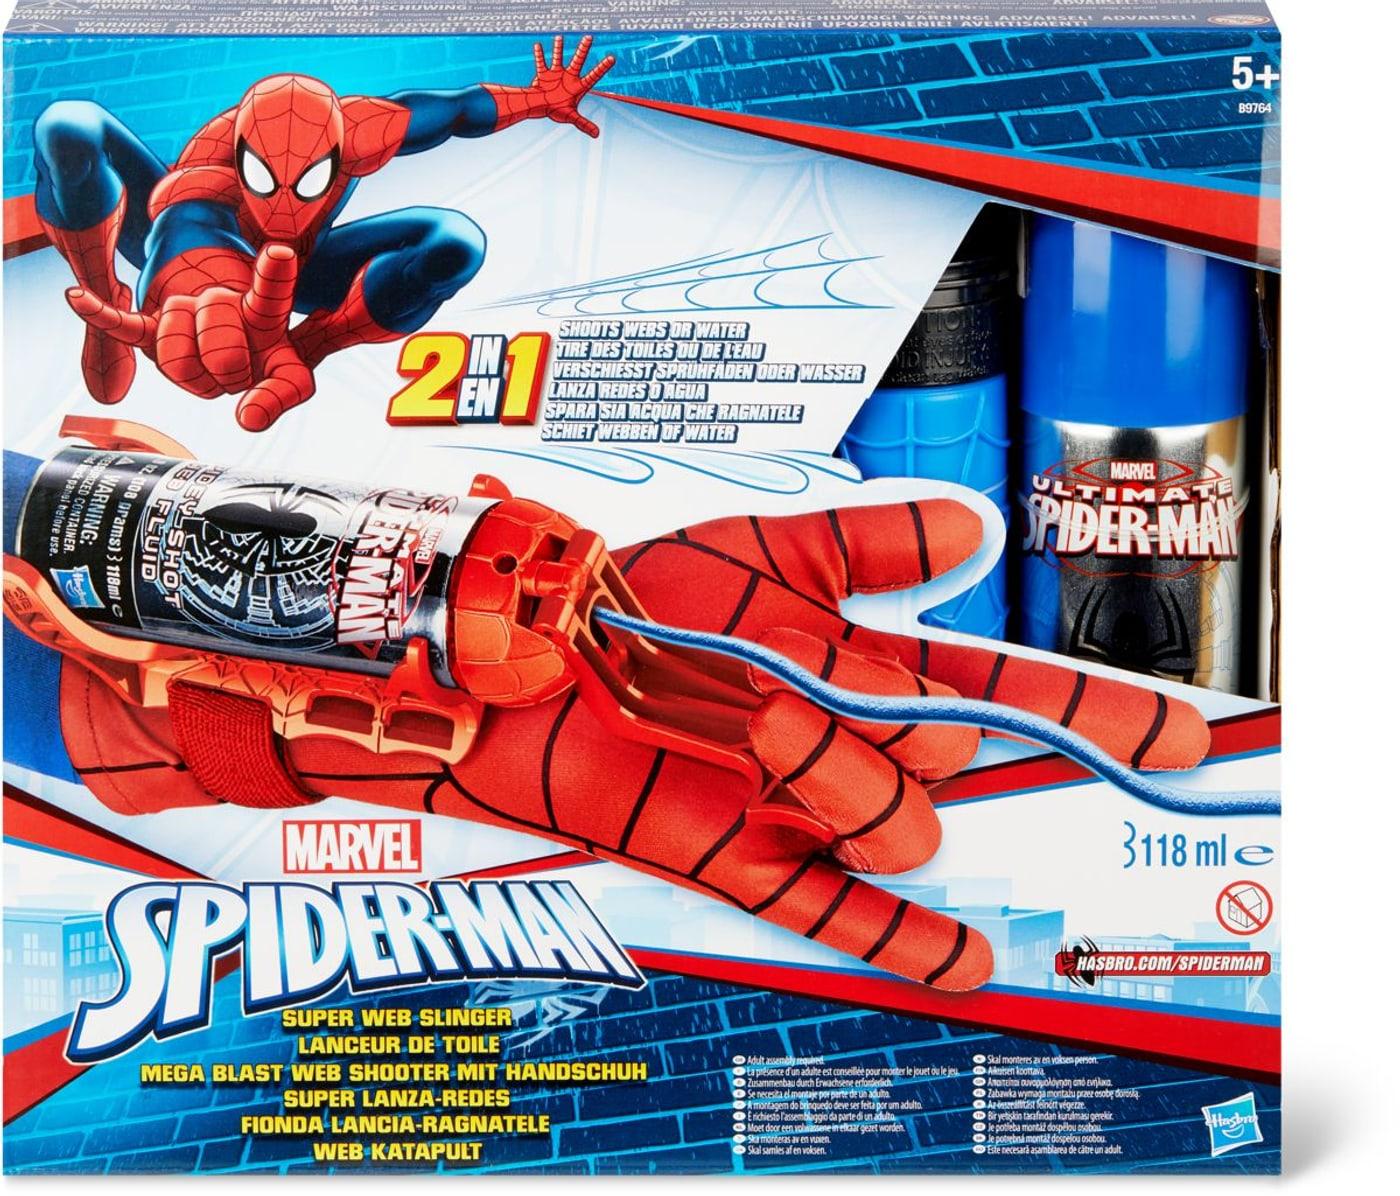 Spider-Man Mega Blast Web Shooter mit Handschuh | Migros